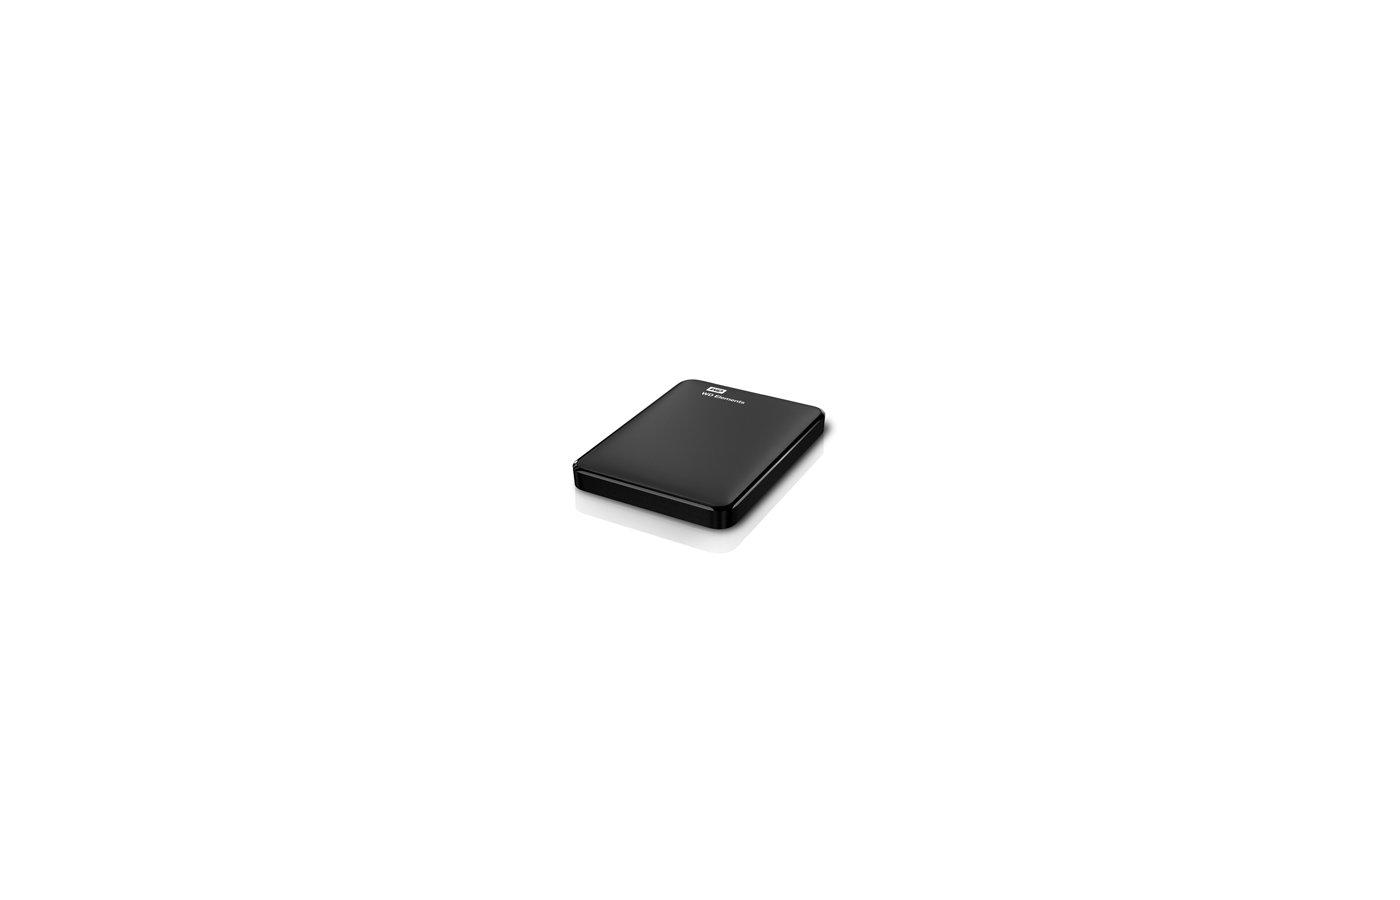 Внешний жесткий диск Western Digital (WDBU6Y0020BBK-EESN) USB 3.0 2Tb Elements 2.5 черный